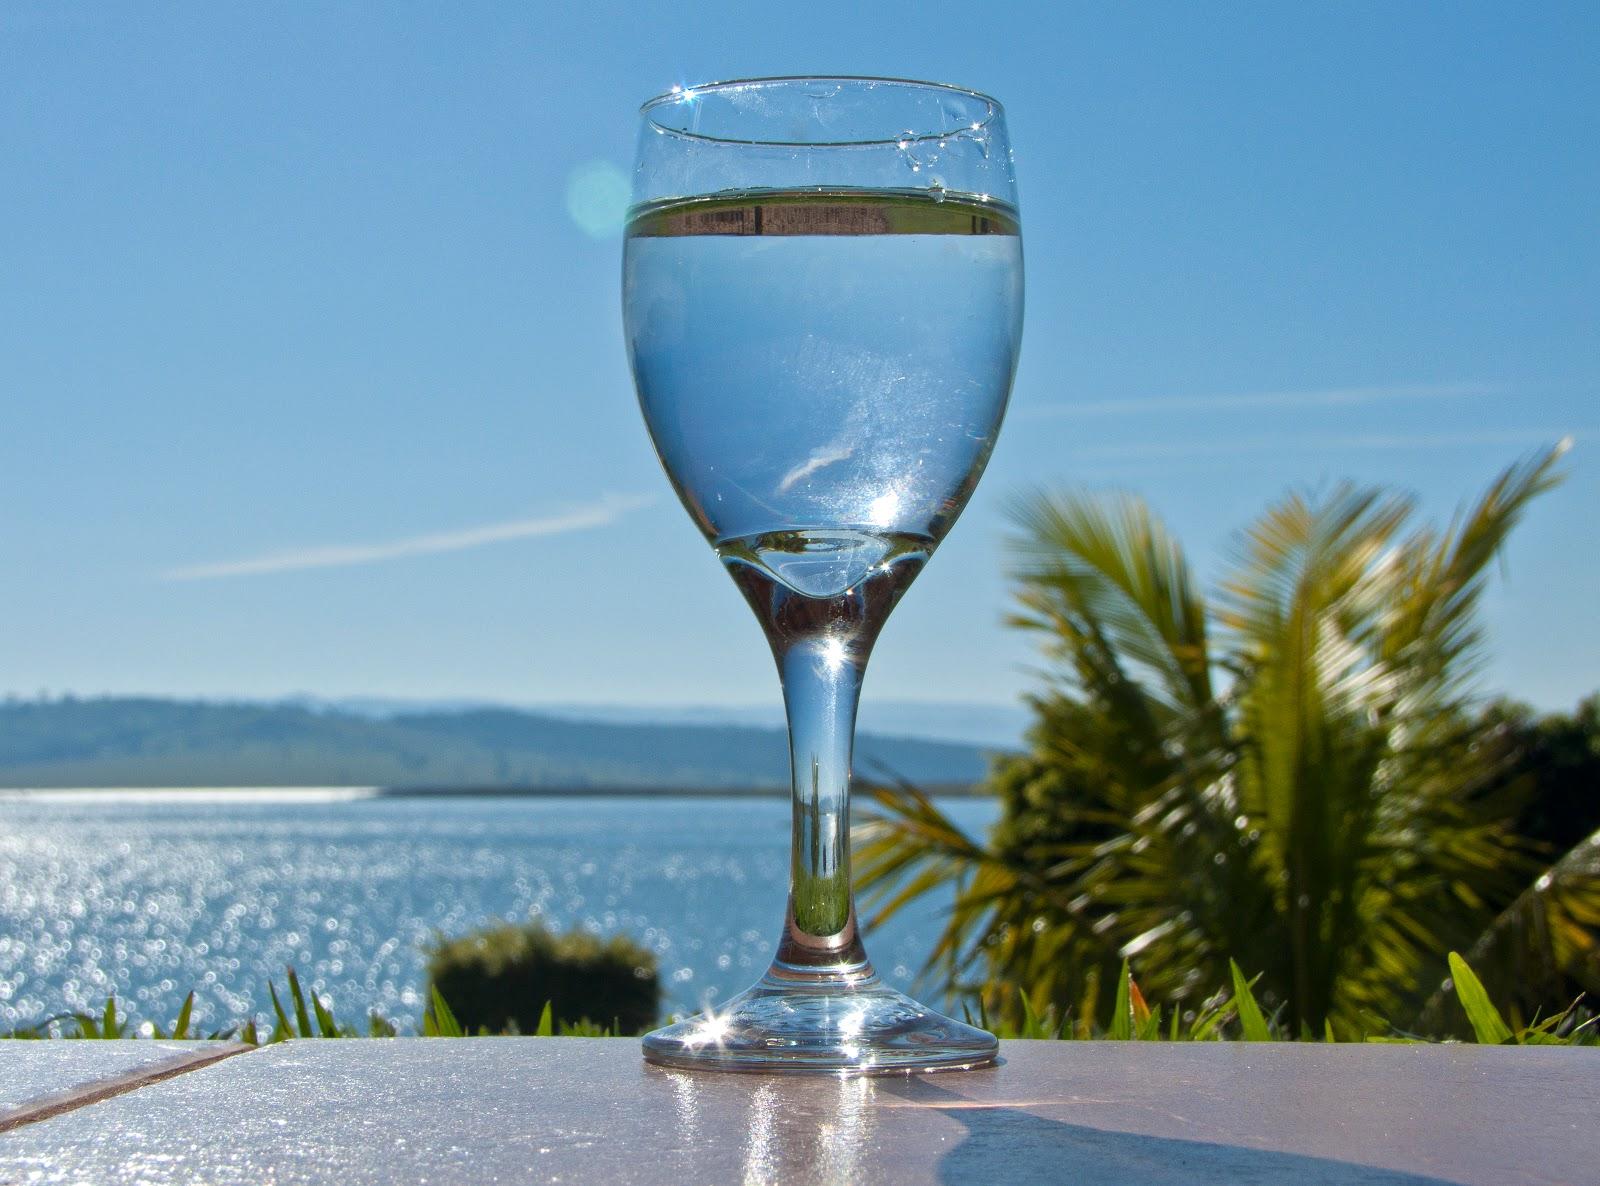 椰子の木と湖の手前に置かれたグラスの透き通った水